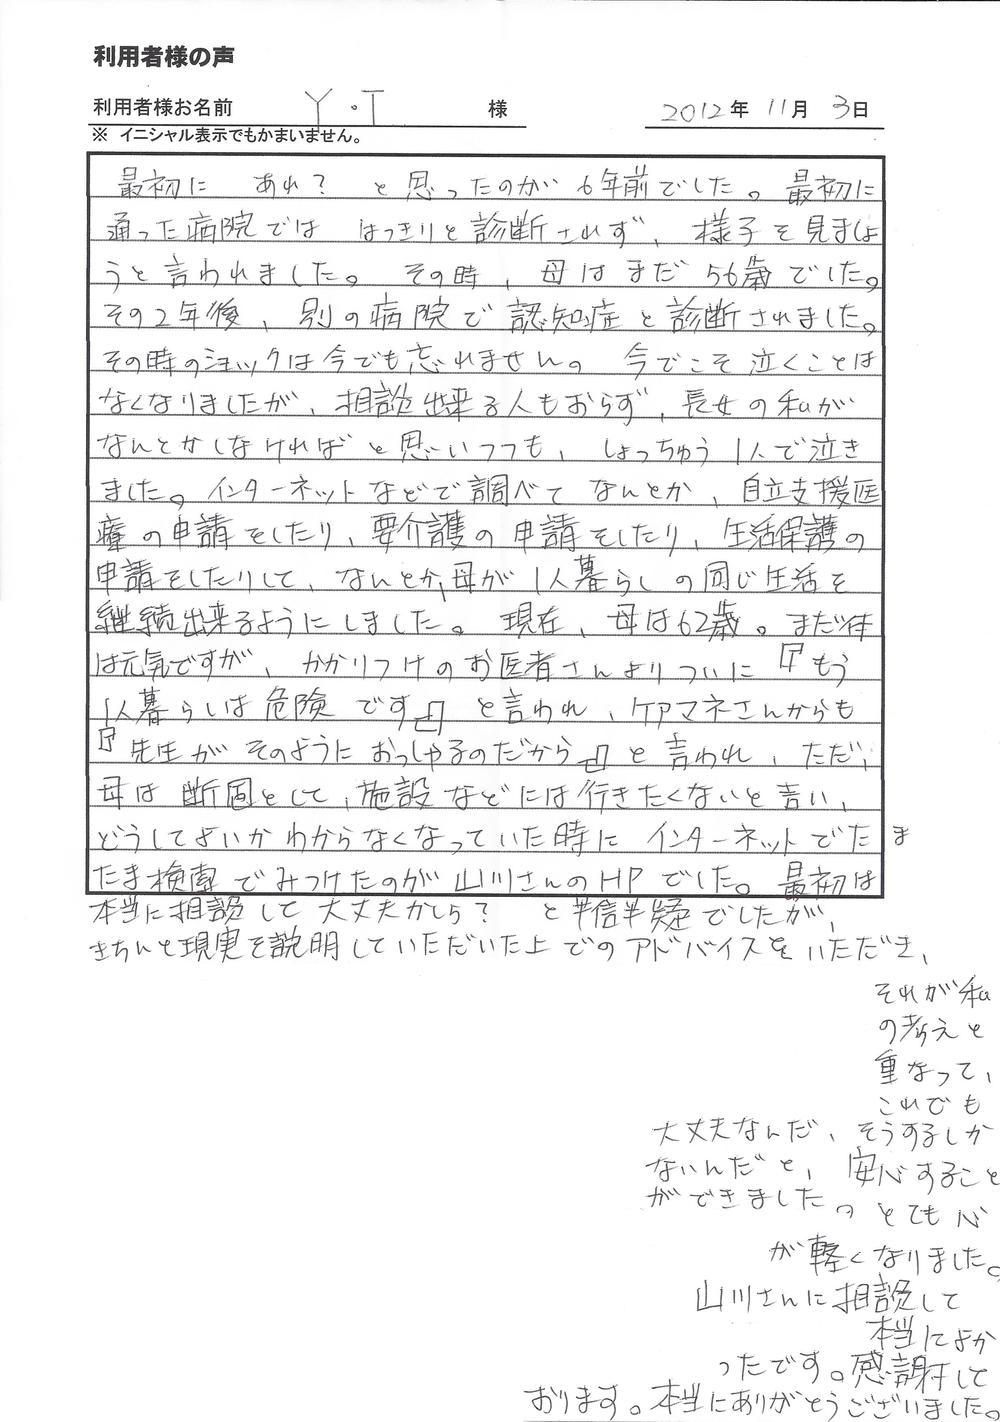 福岡市西区在住 Y.T様「若年性認知症と診断された母親を老人ホームに預けるべきなのか」